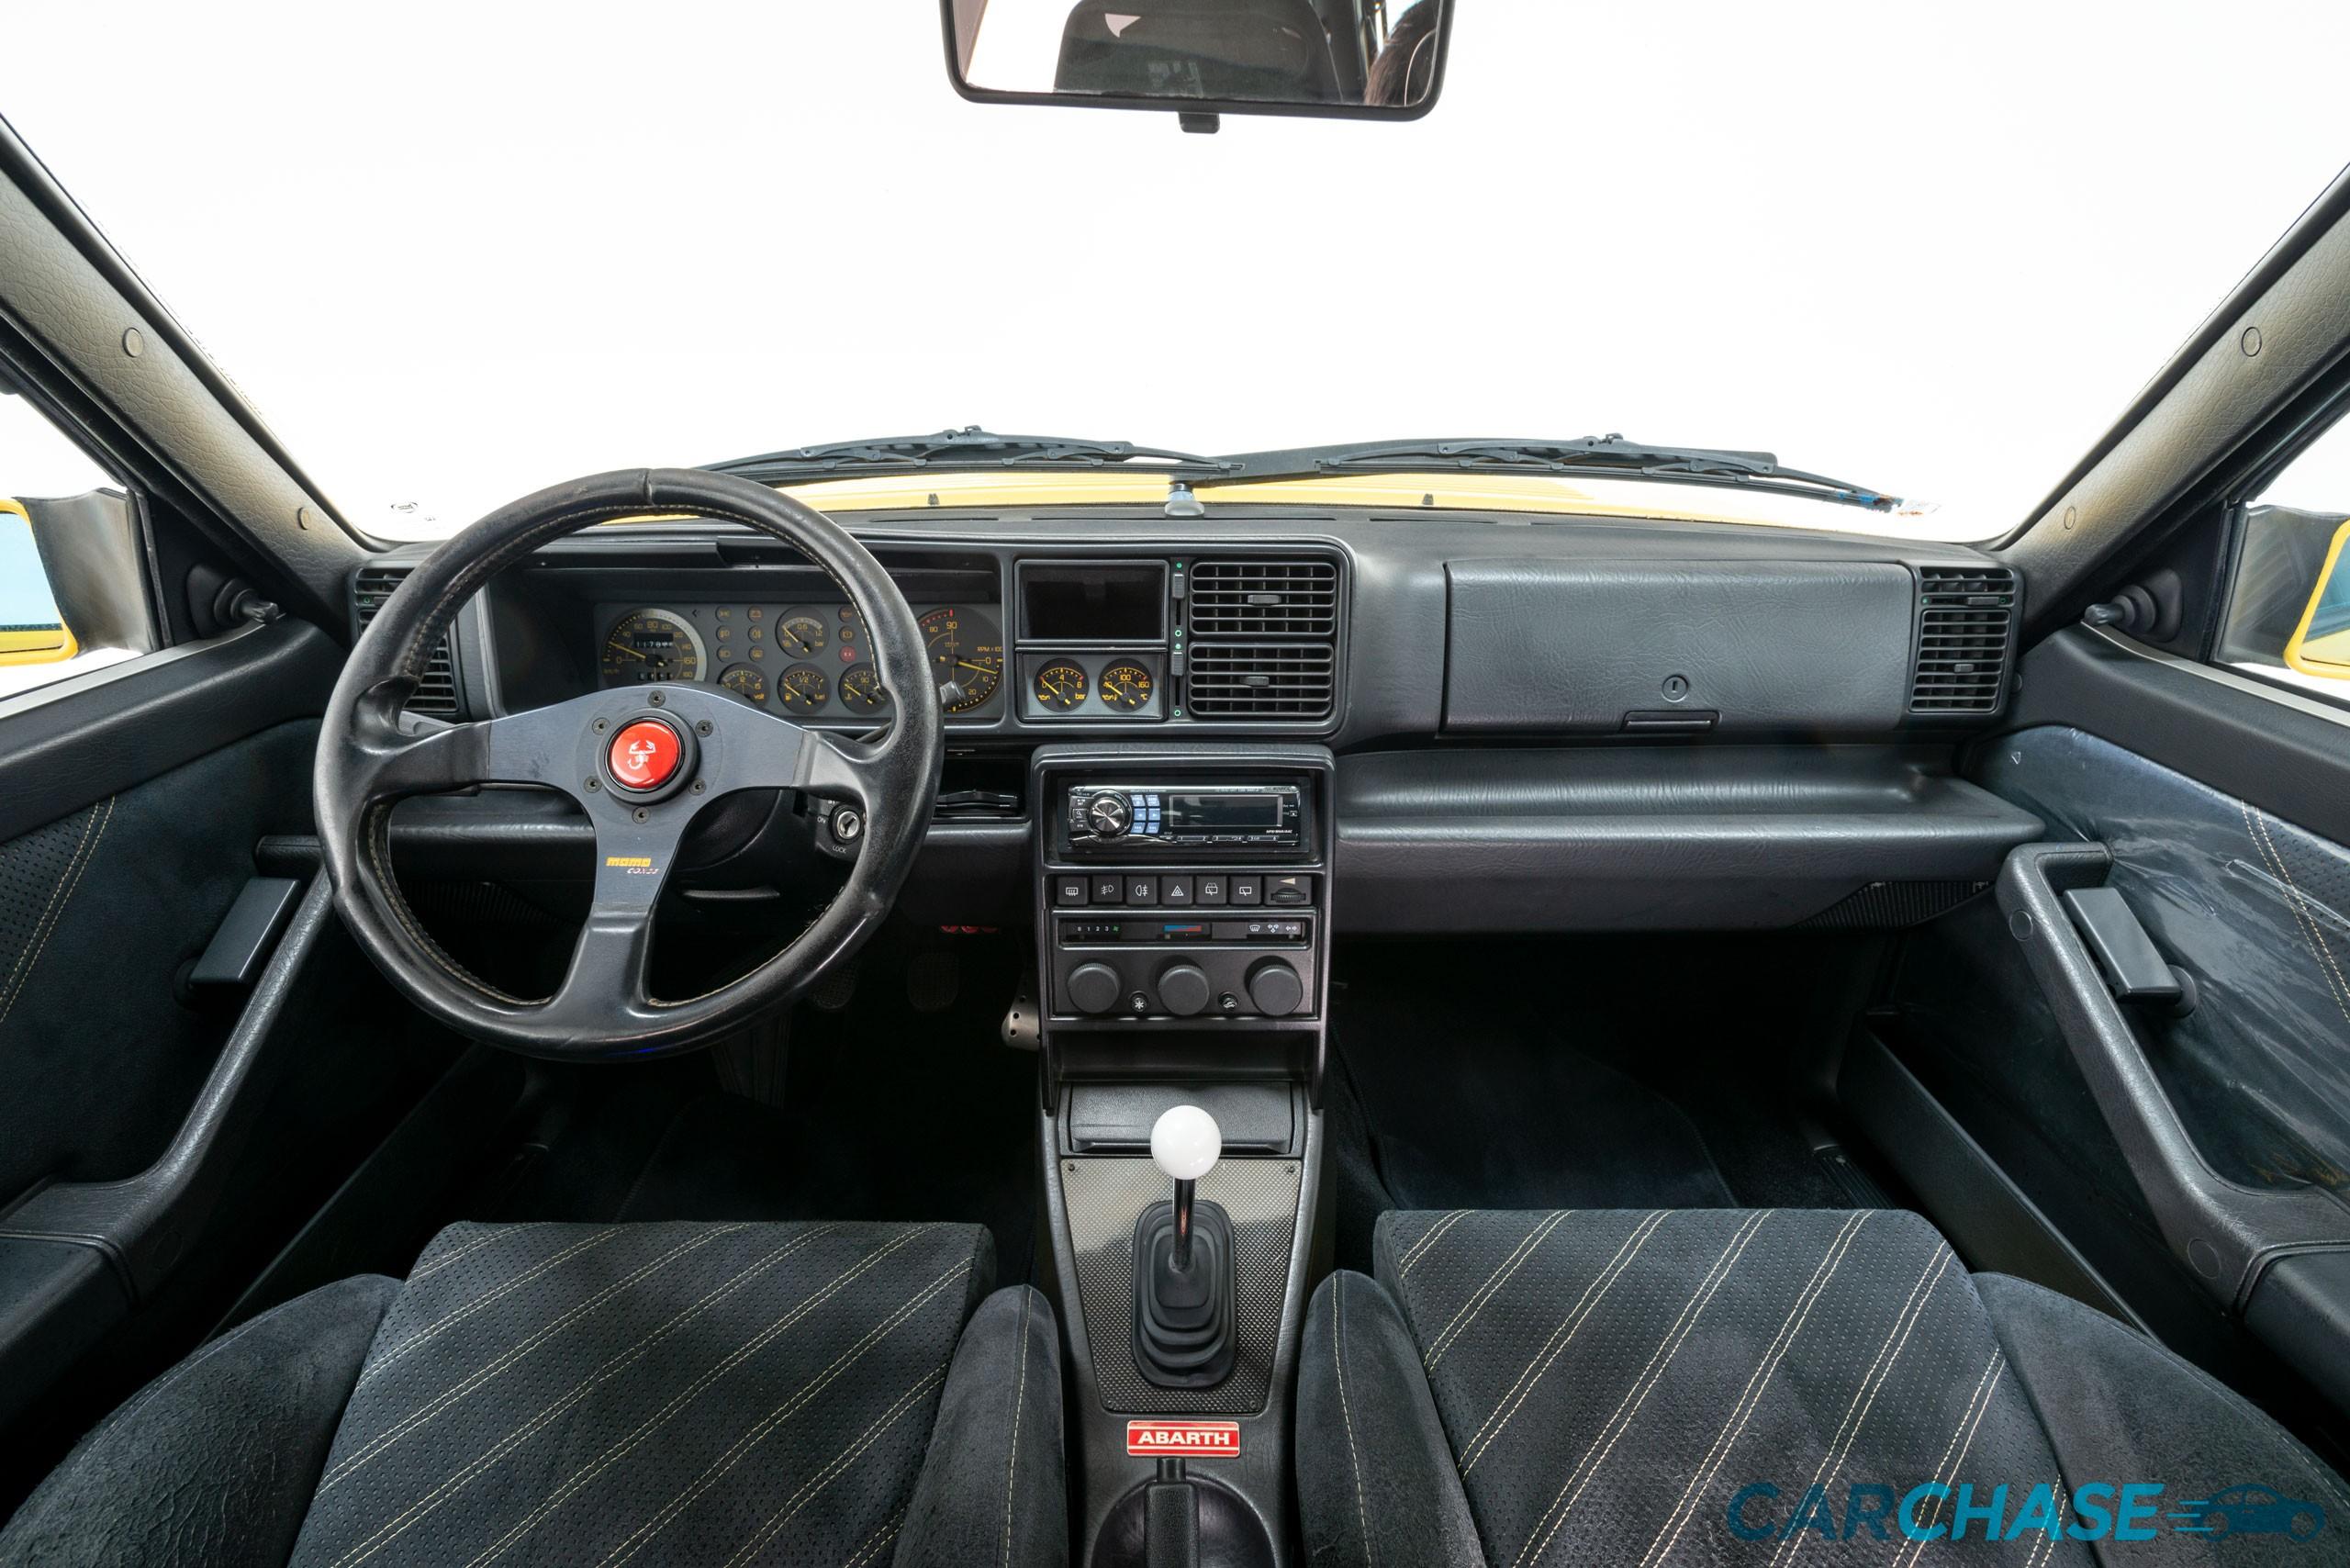 Image of dashboard profile of 1993 Lancia Delta Integrale Evo 2 Giallo Ginestra